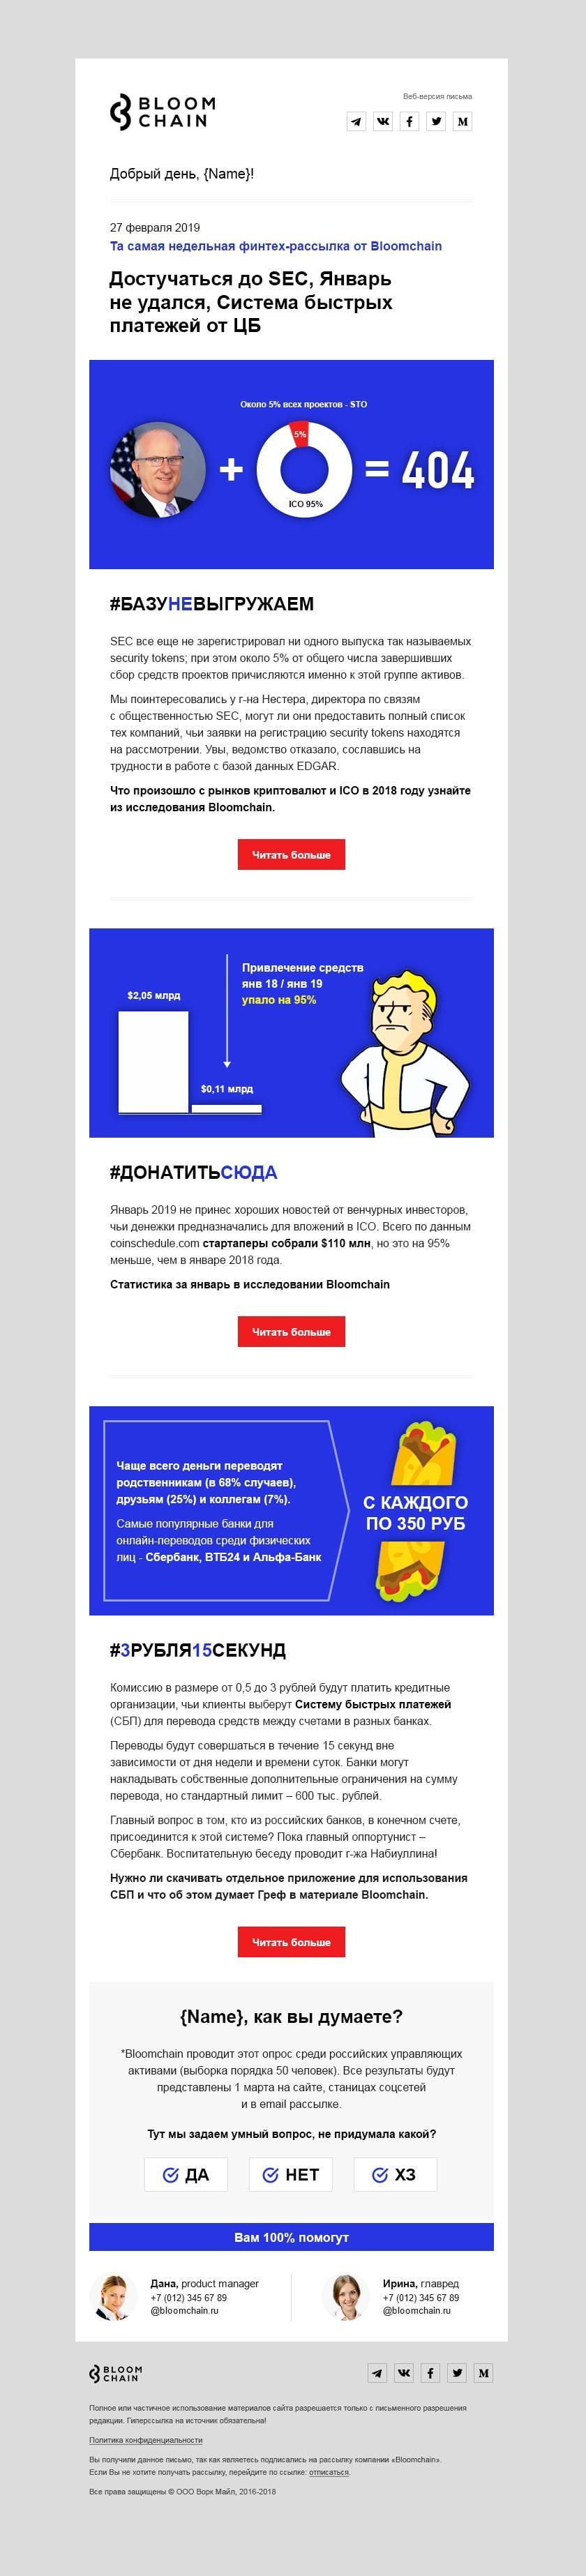 Рассылка от информационного портала о финансовых технологиях и блокчейне